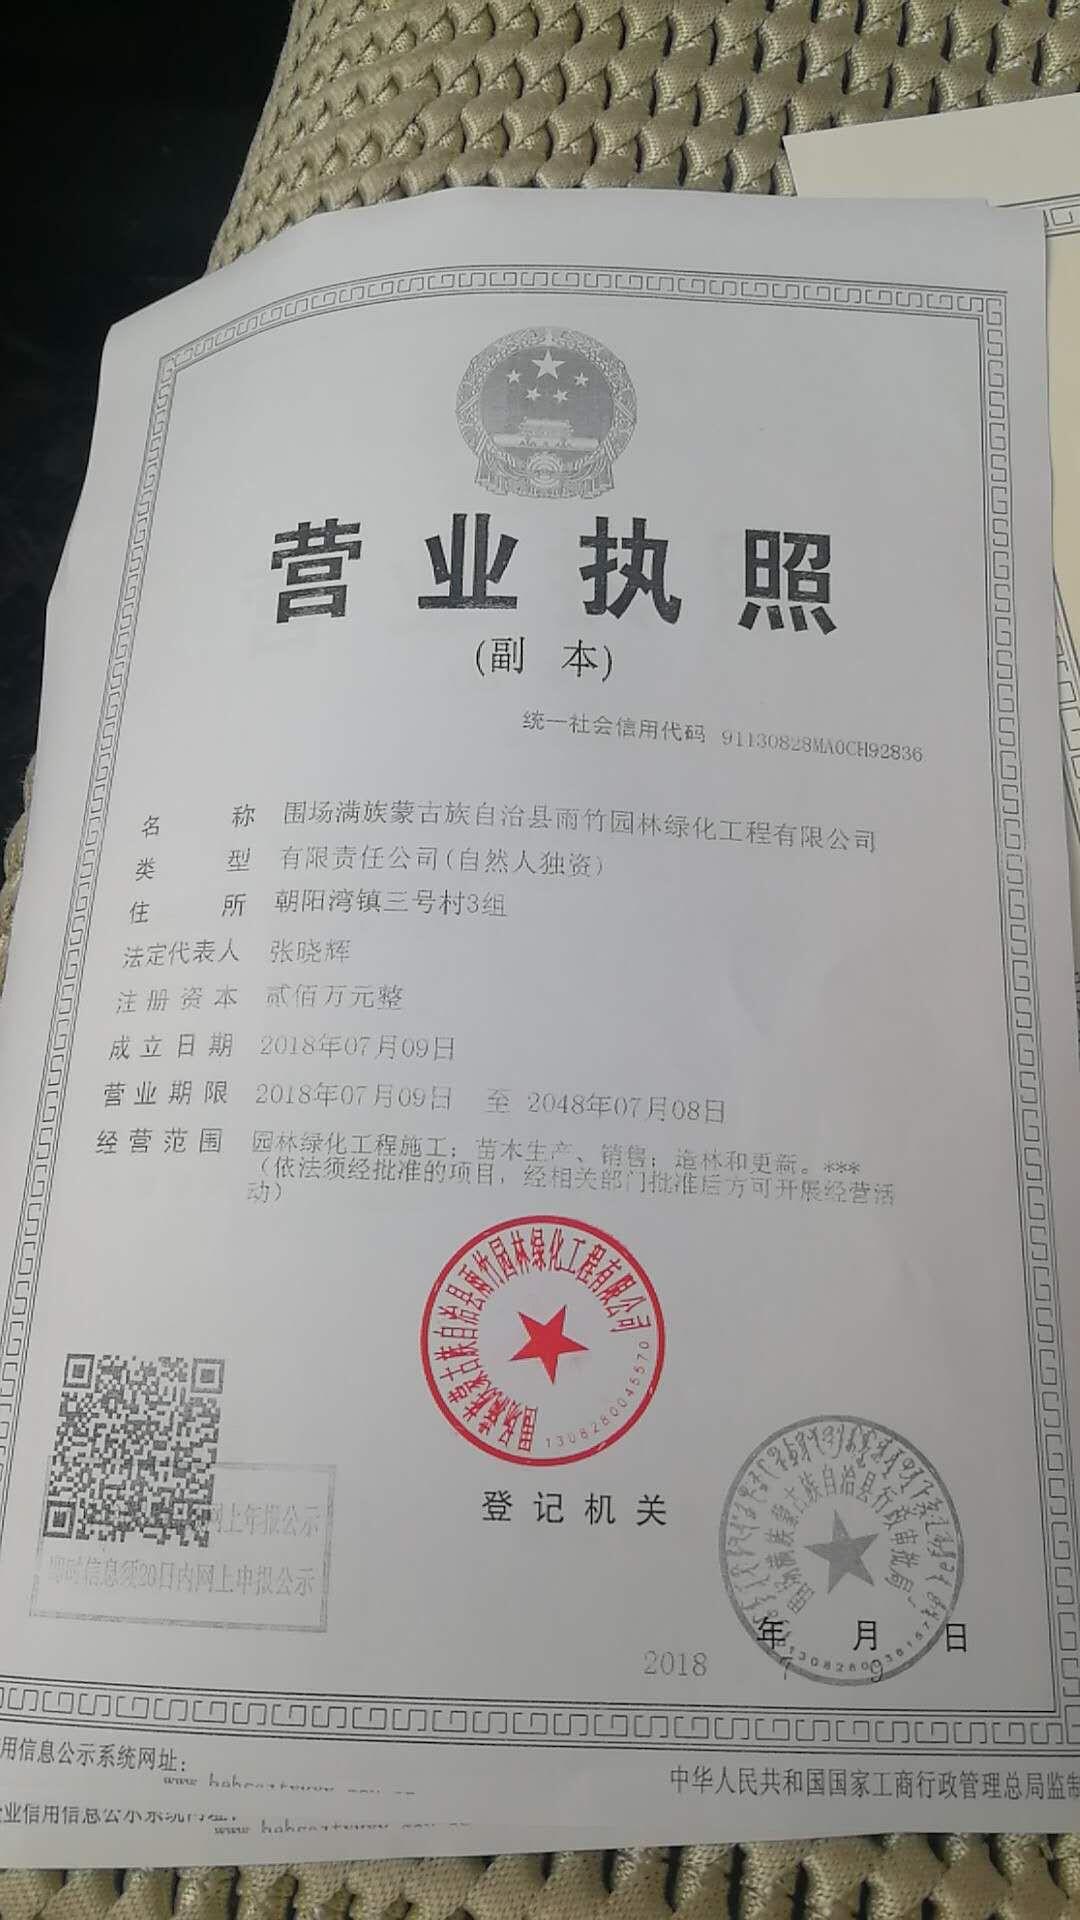 围场满族蒙古族自治县雨竹园林绿化工程有限公司